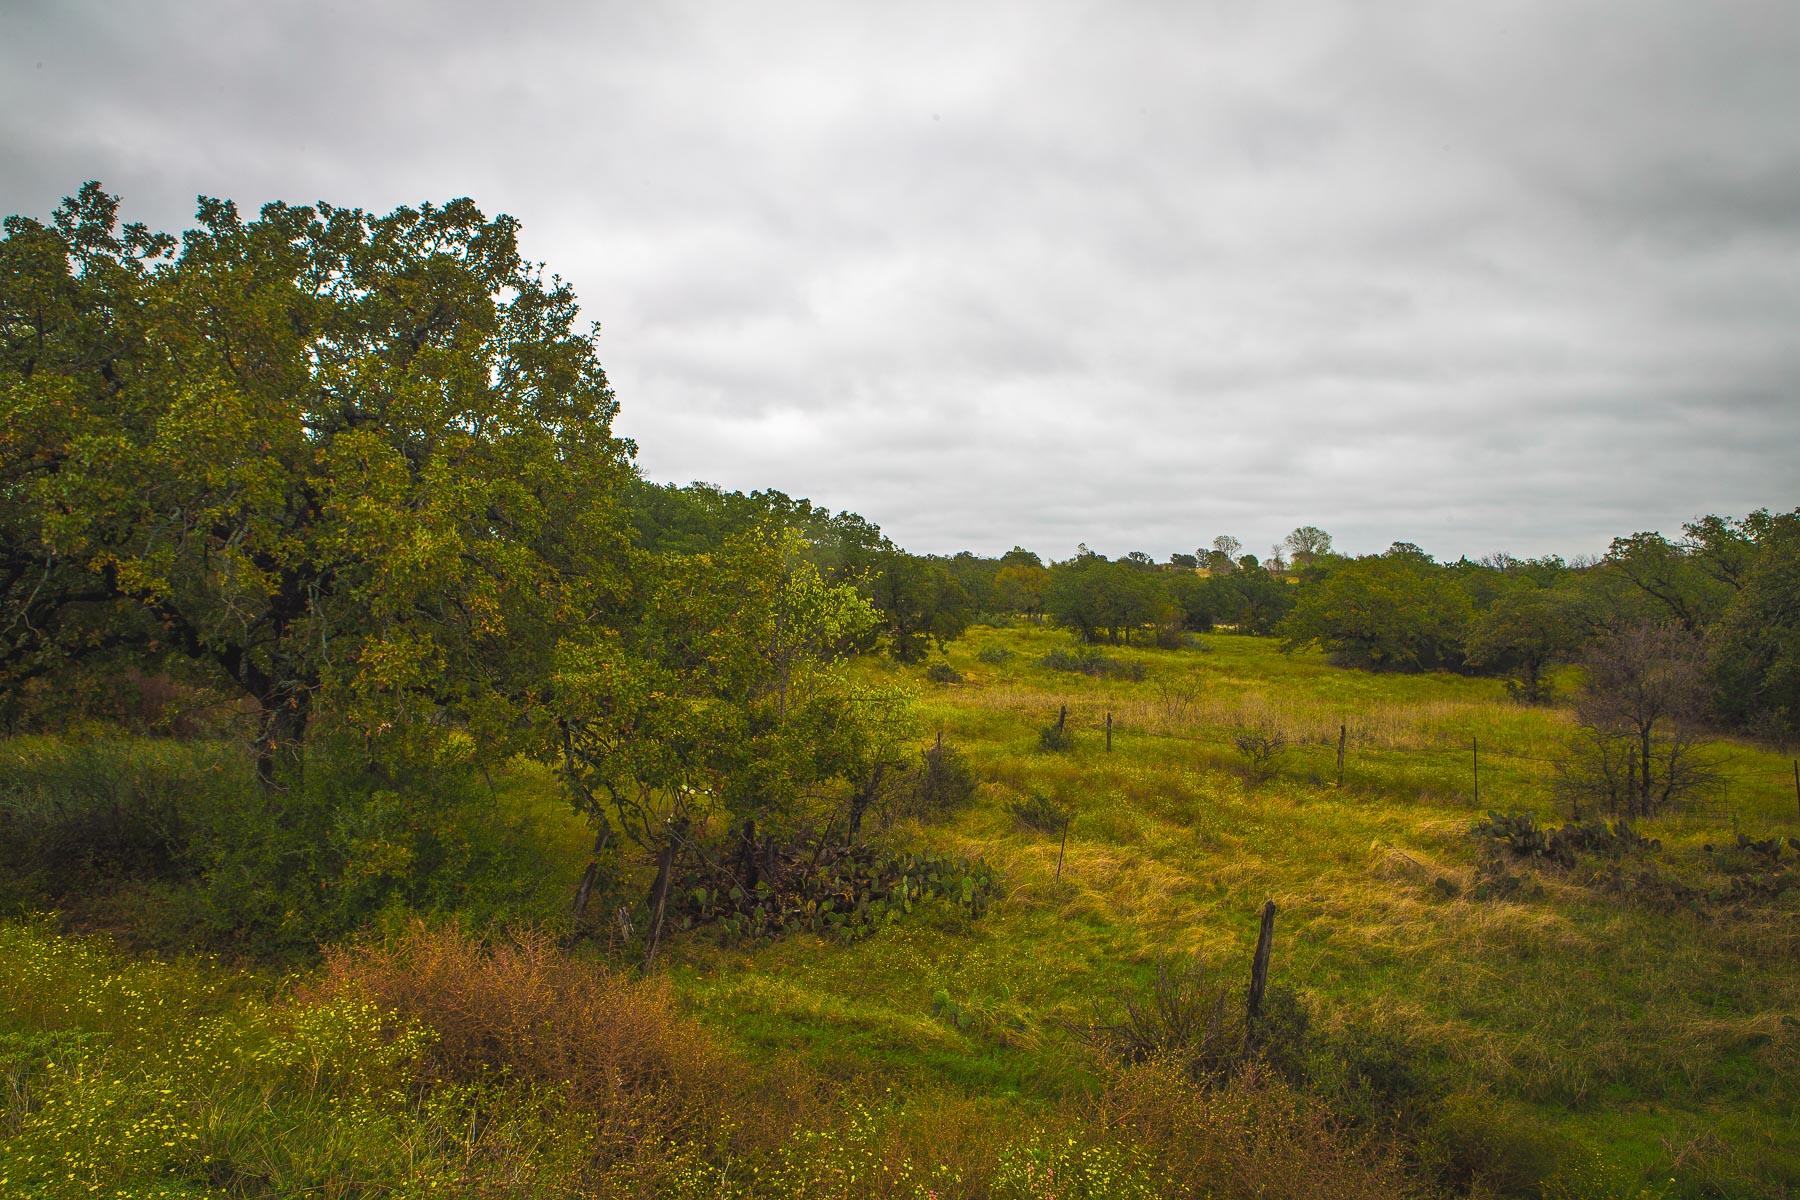 农场 / 牧场 / 种植园 为 销售 在 Santo Estate 16045 S. FM 4 #98 Santo, 得克萨斯州, 76472 美国